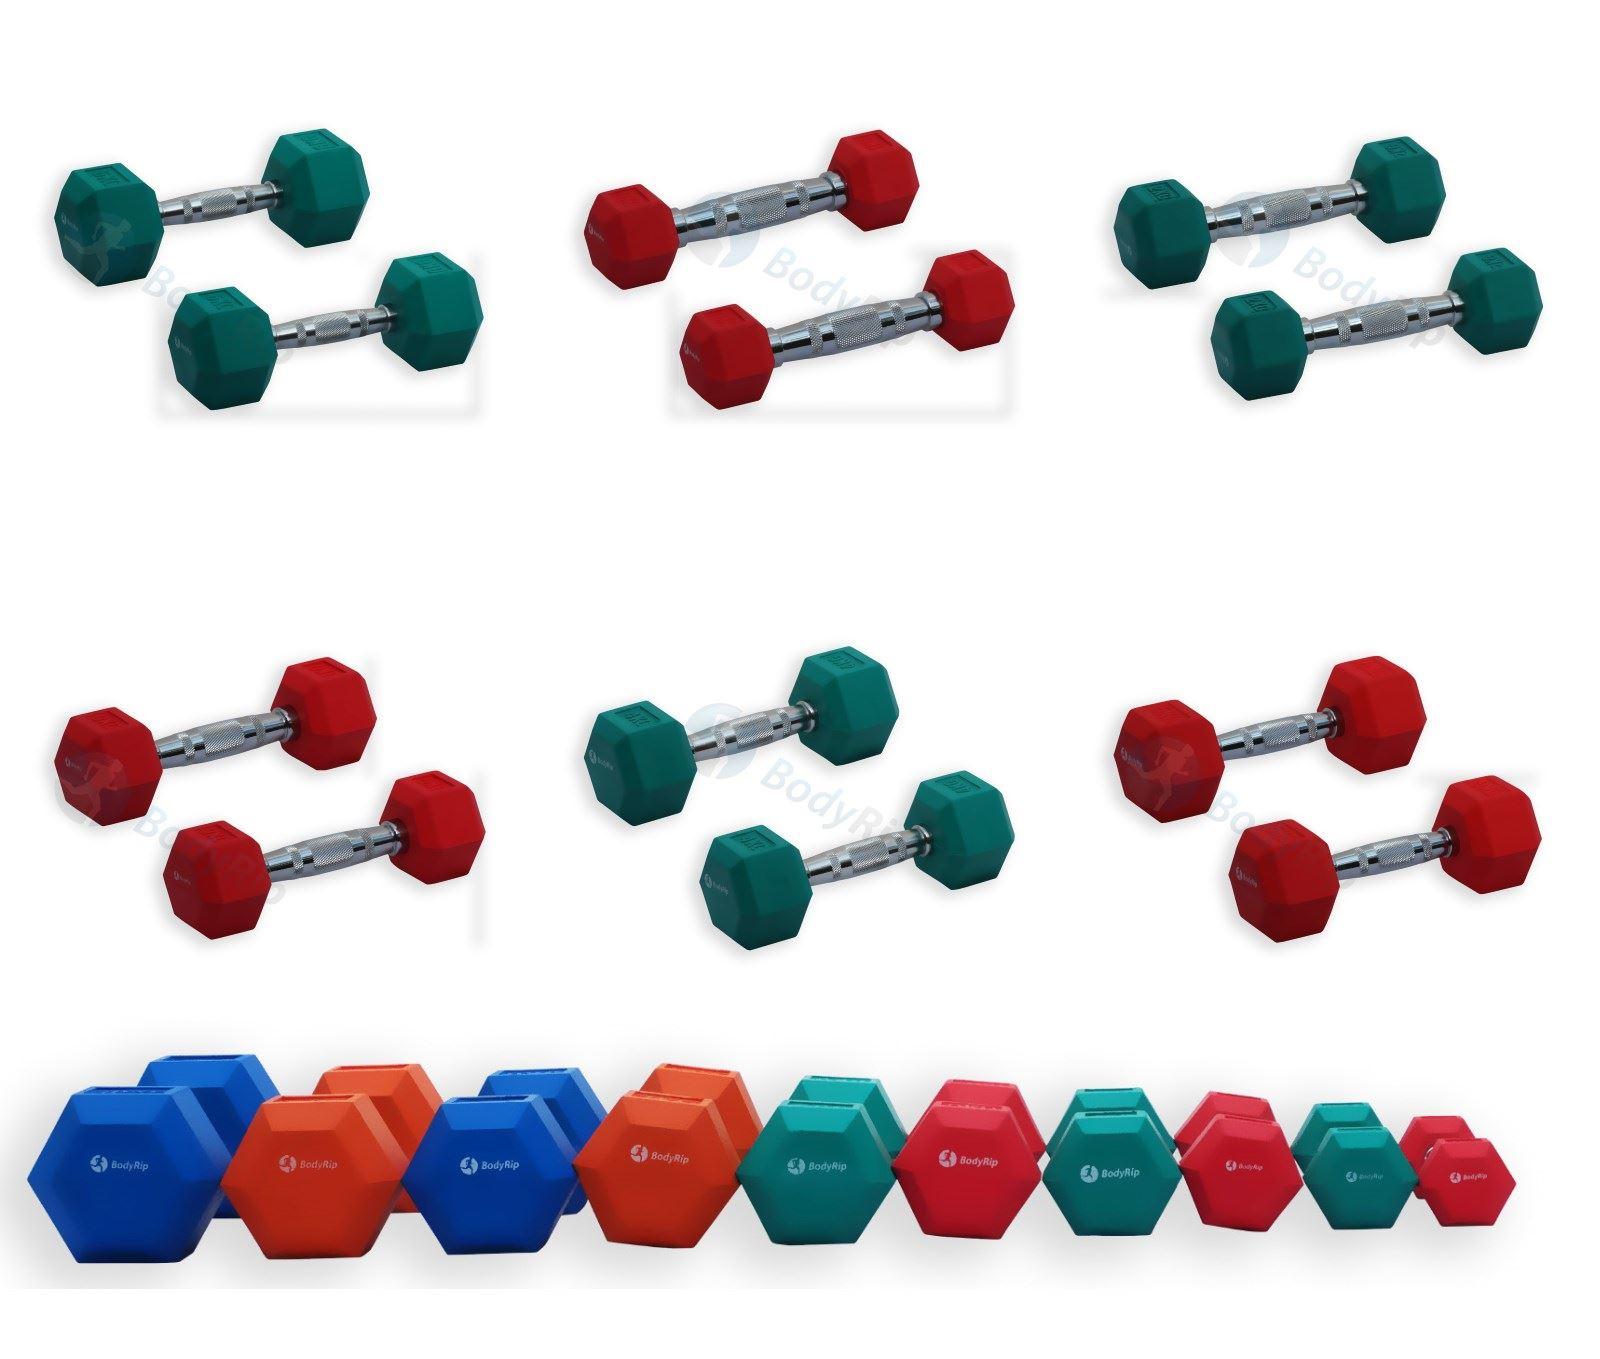 Hexagonal-Pesas-Hexagonal-Goma-Revestido-ERGO-Pesos-Juegos-Gimnasio-Set-Peso-Fitness